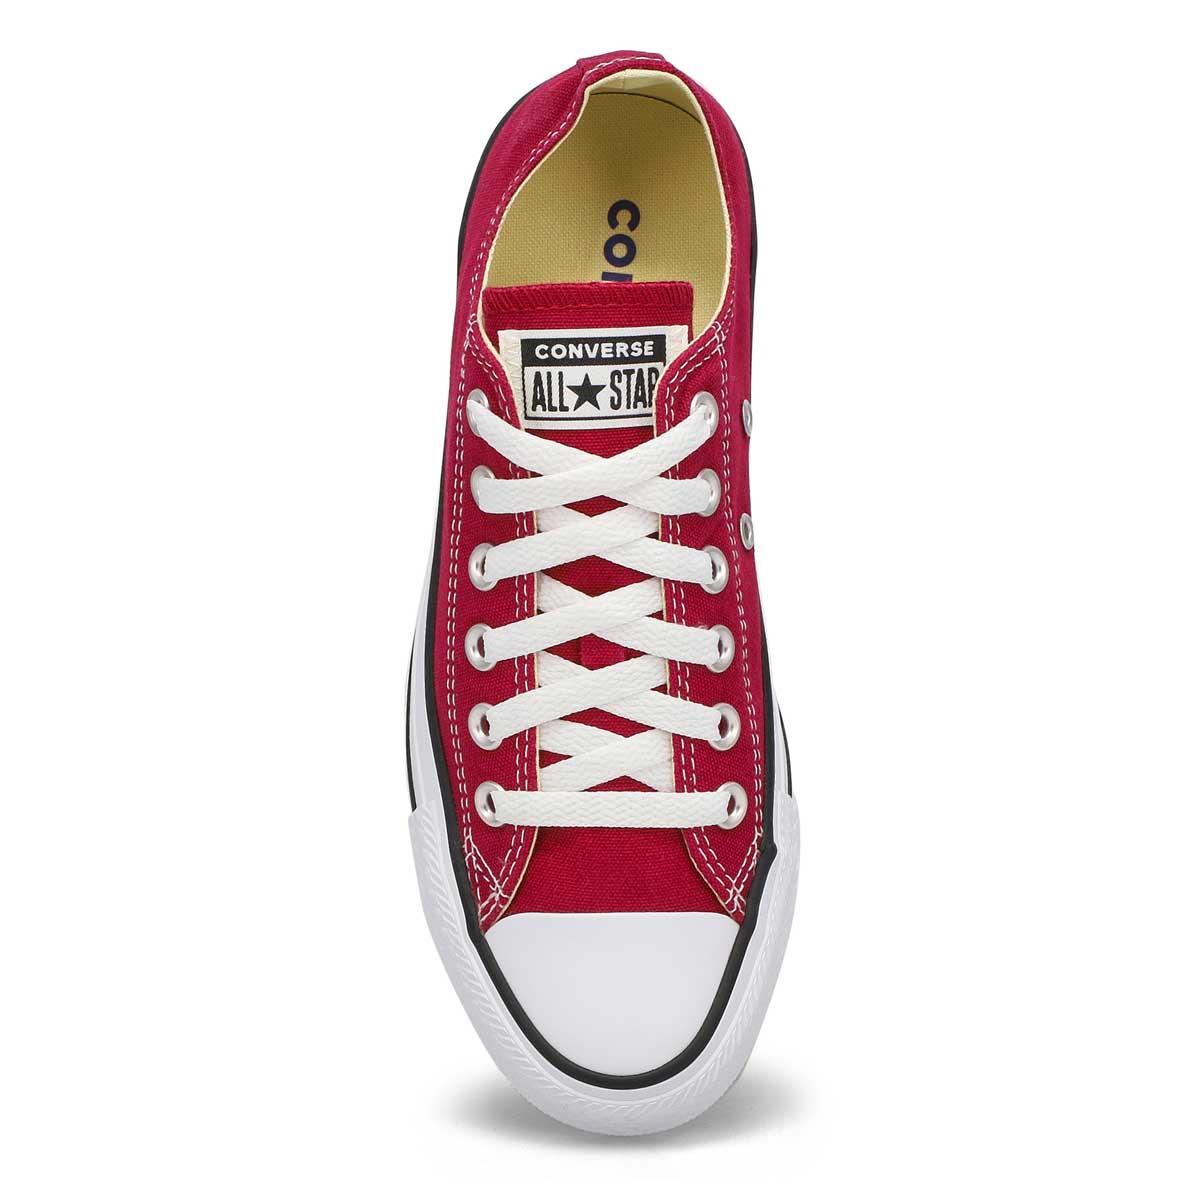 Women's Chuck Taylor All Star Sneaker - Maroon